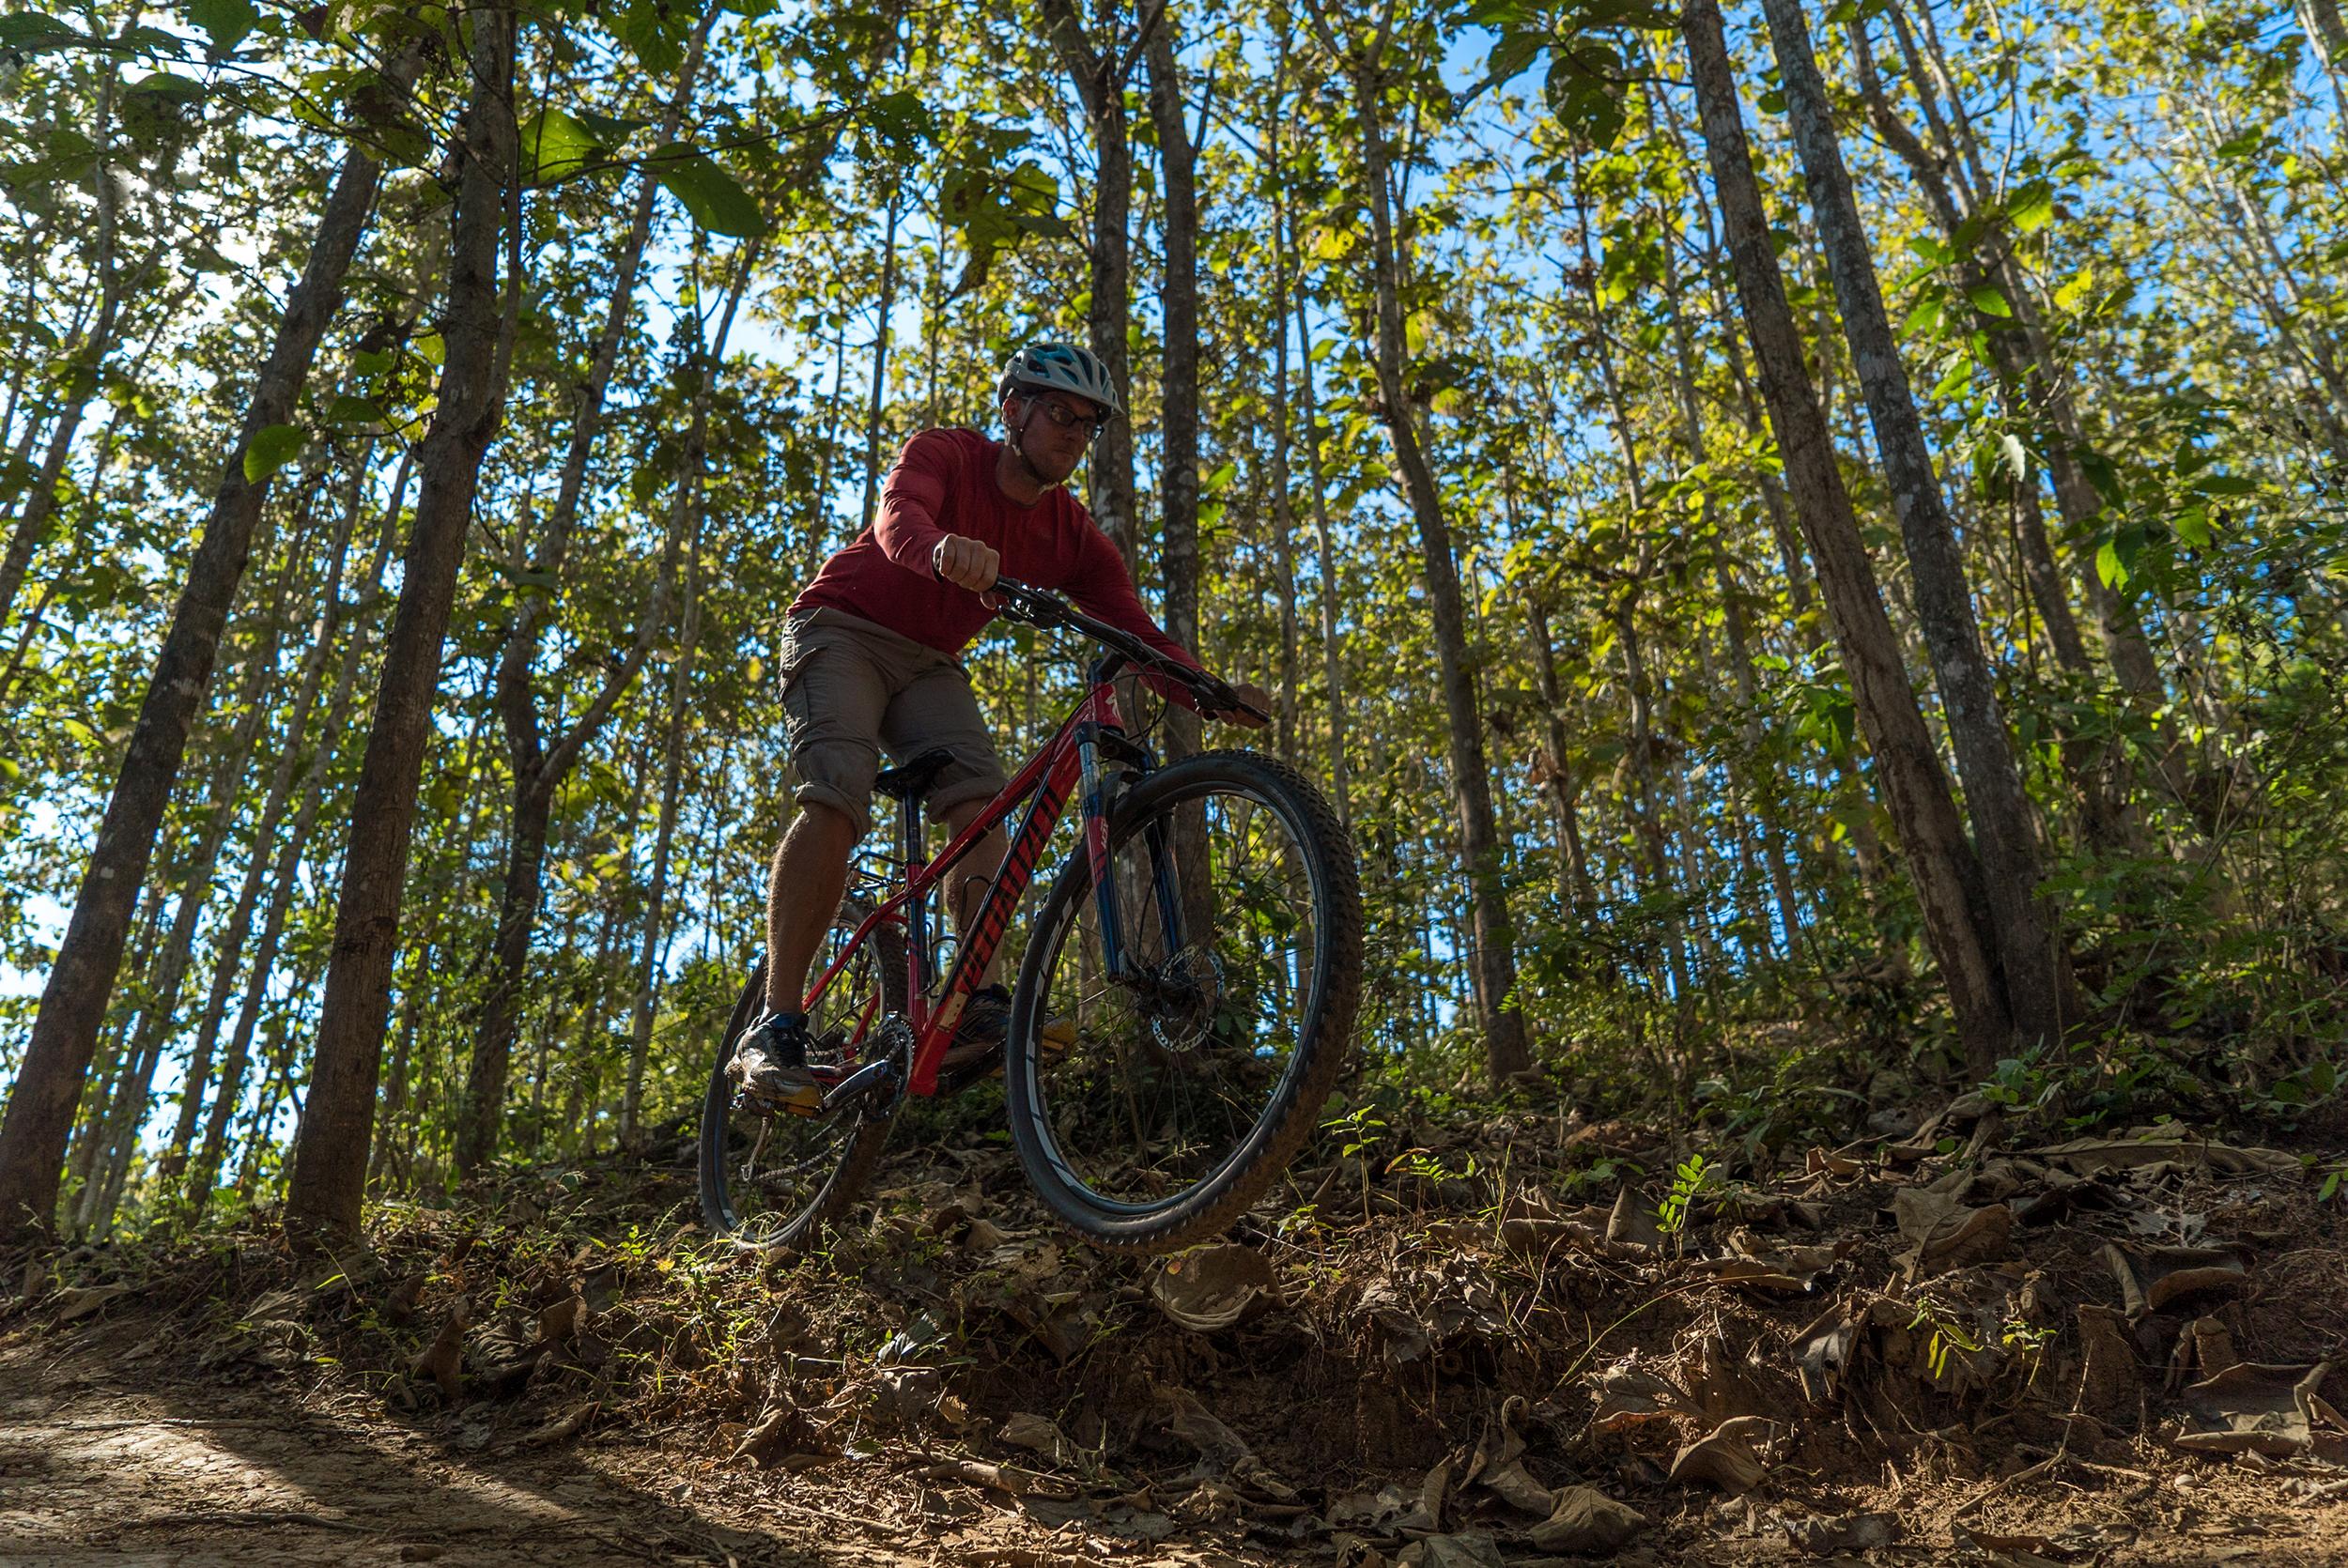 Laos-biking-cycling-offroad-adventure-tour-riding-pedal-bike-lao-pdr